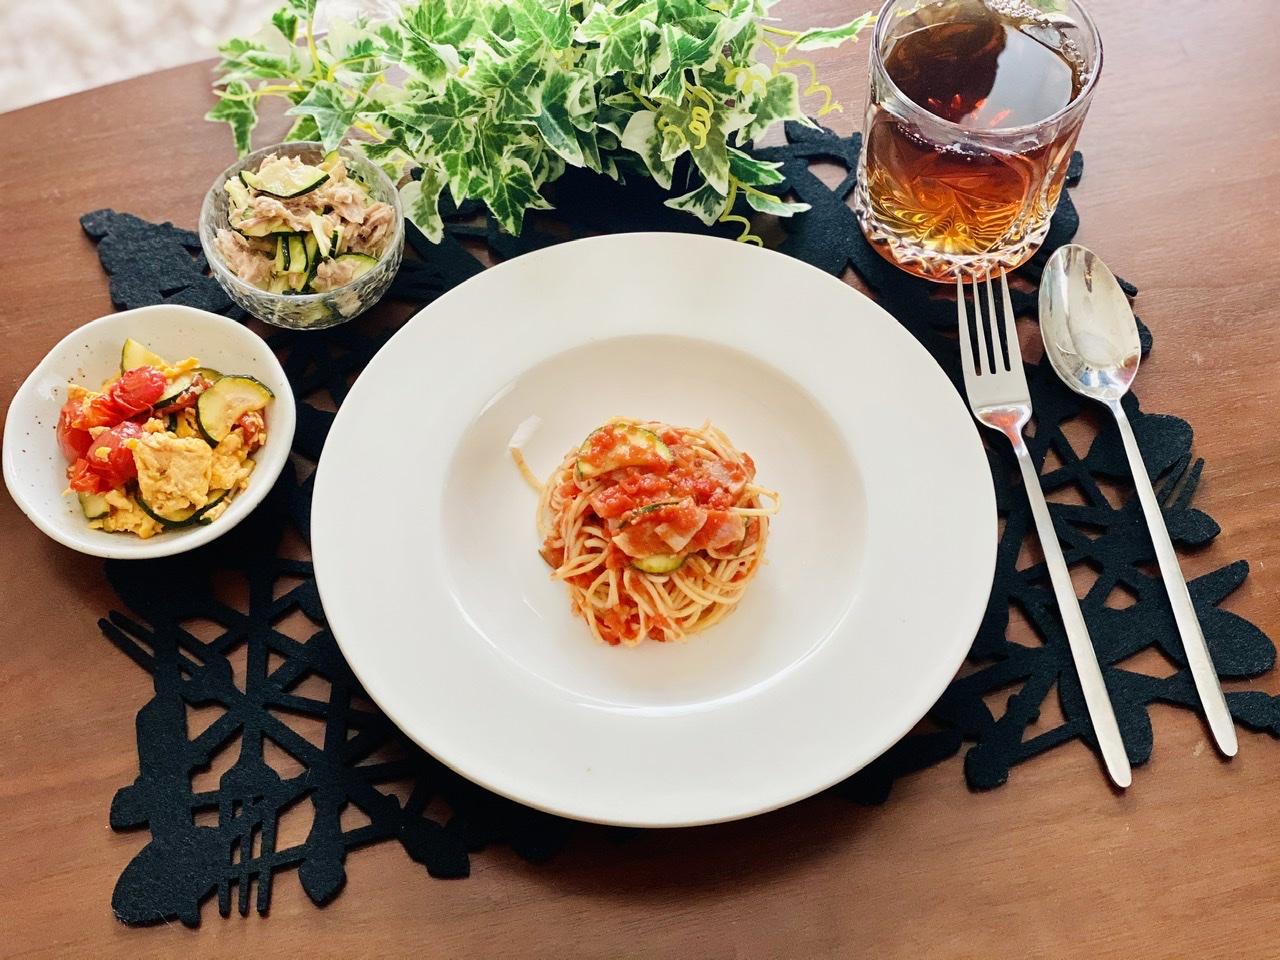 【今月のお家ごはん】アラサー女子の食卓!作り置きおかずでラク晩ご飯♡-Vol.16-_3